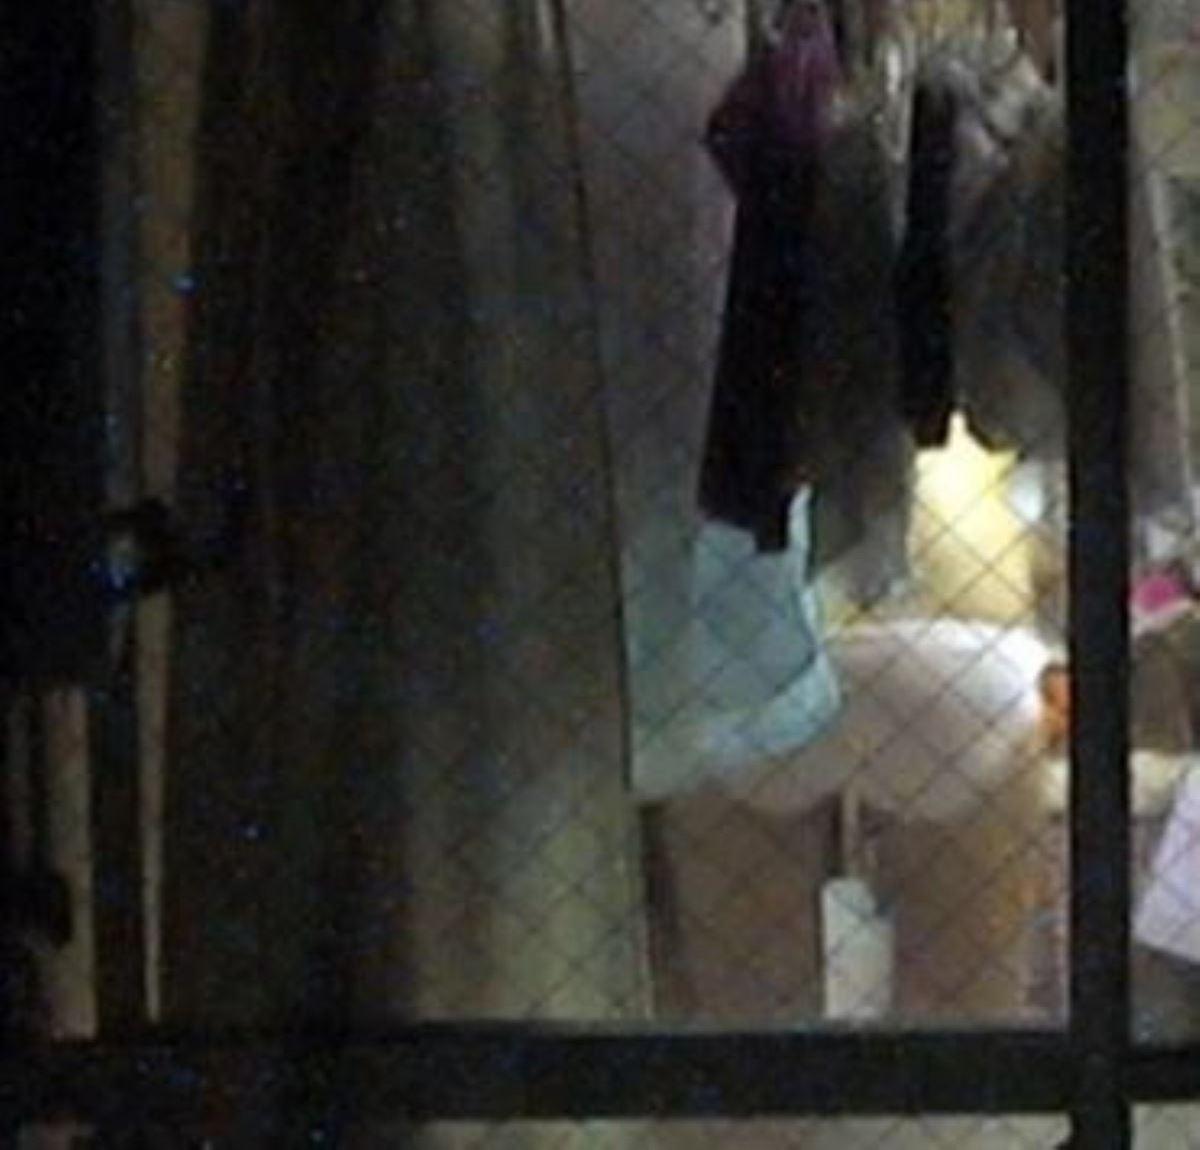 カーテンの隙間から民家を覗いた盗撮画像 45